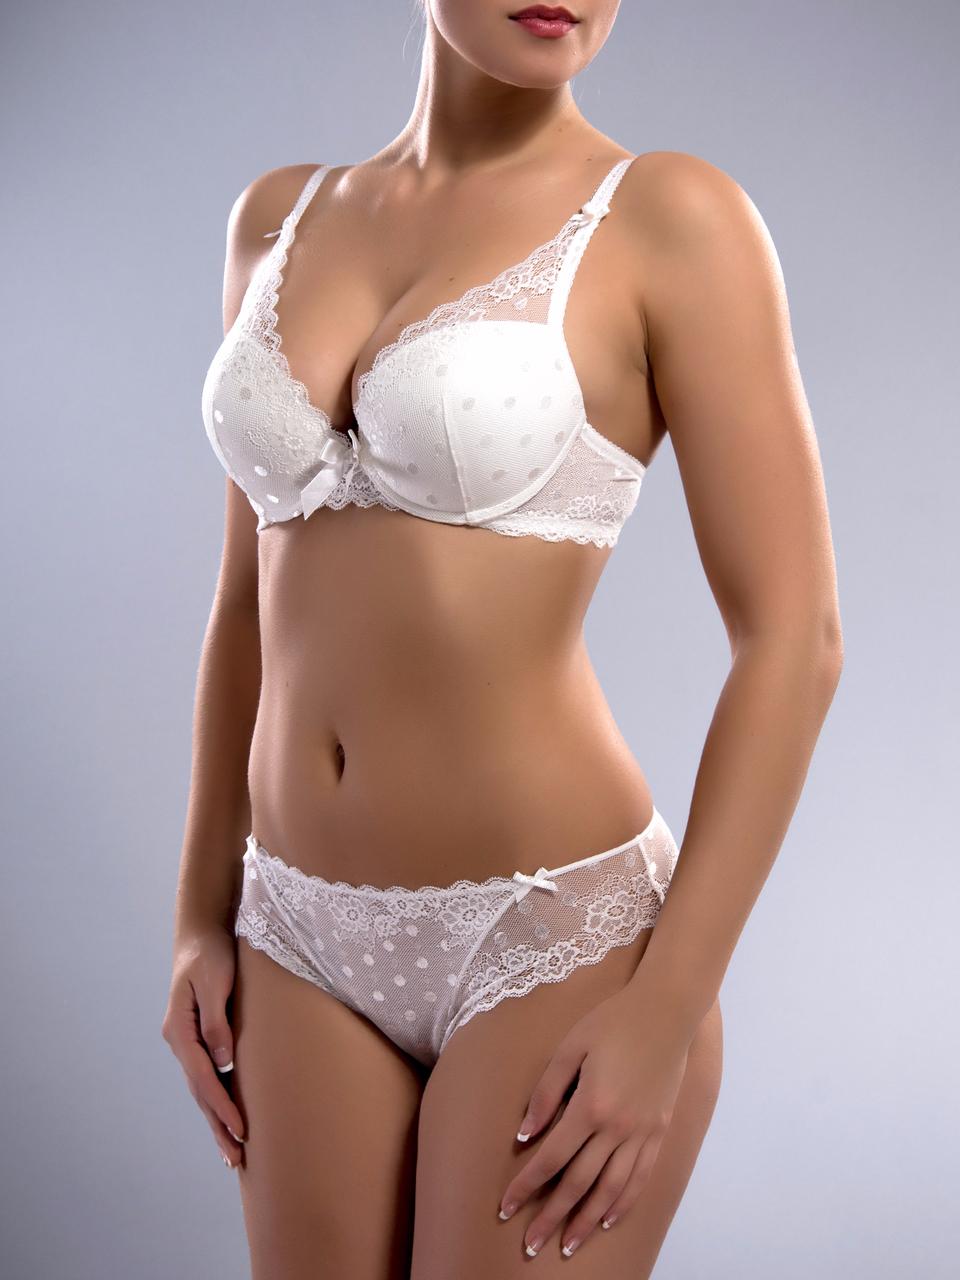 Комплект жіночої нижньої білизни Acousma A6407D-1-P6407-1H, колір Білий,  розмір 90D-XXL